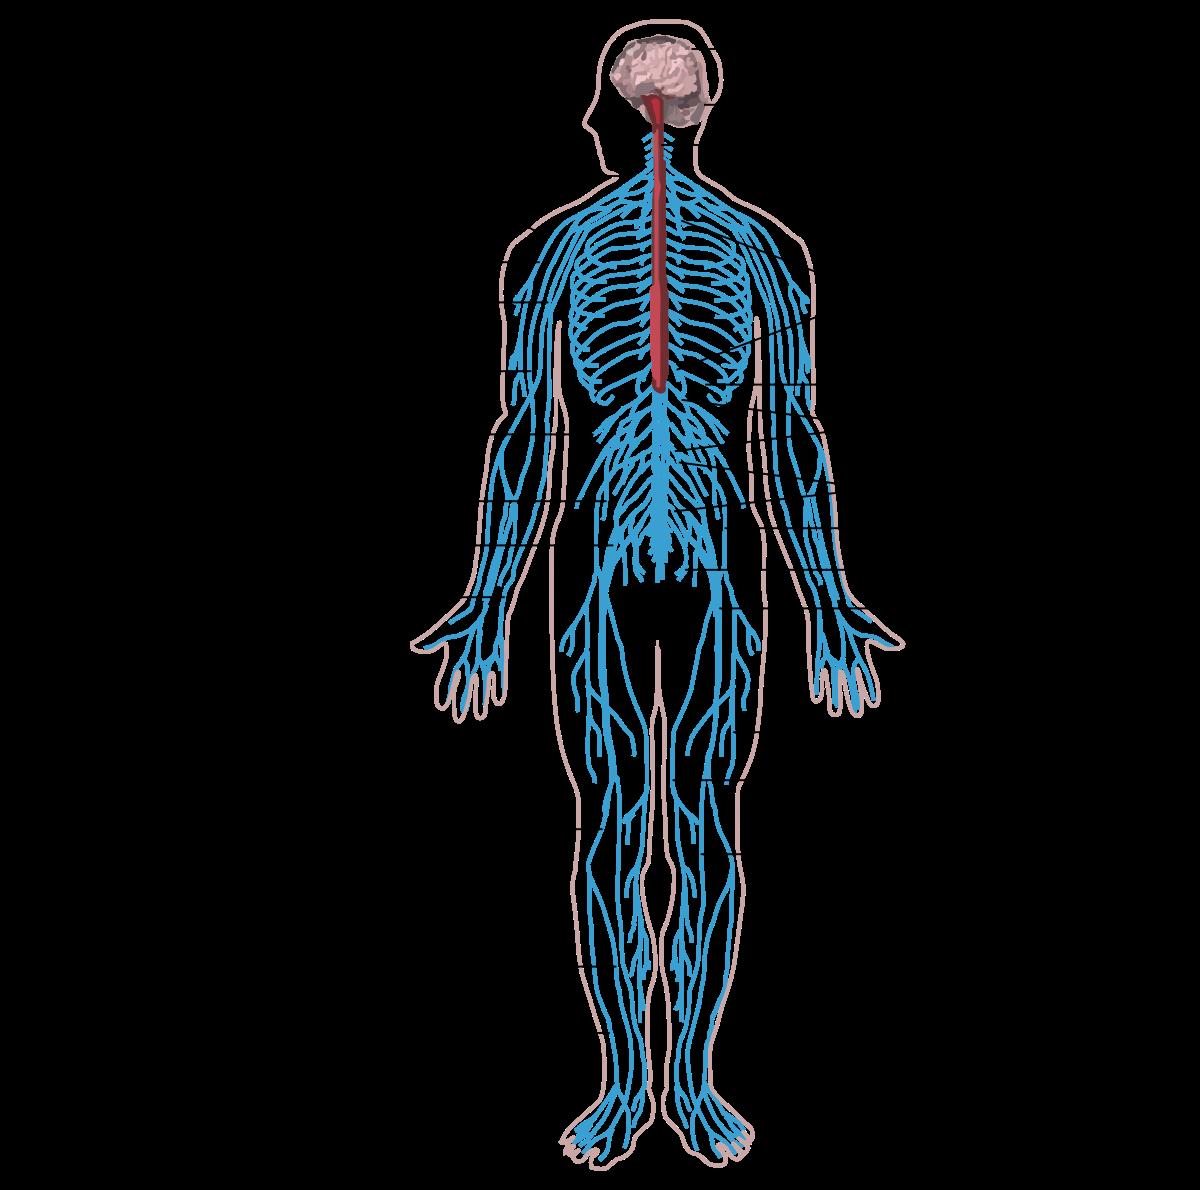 Puhatestű parazita az emberi test kezelésénél. A perianális régió betegségei - Klinikák